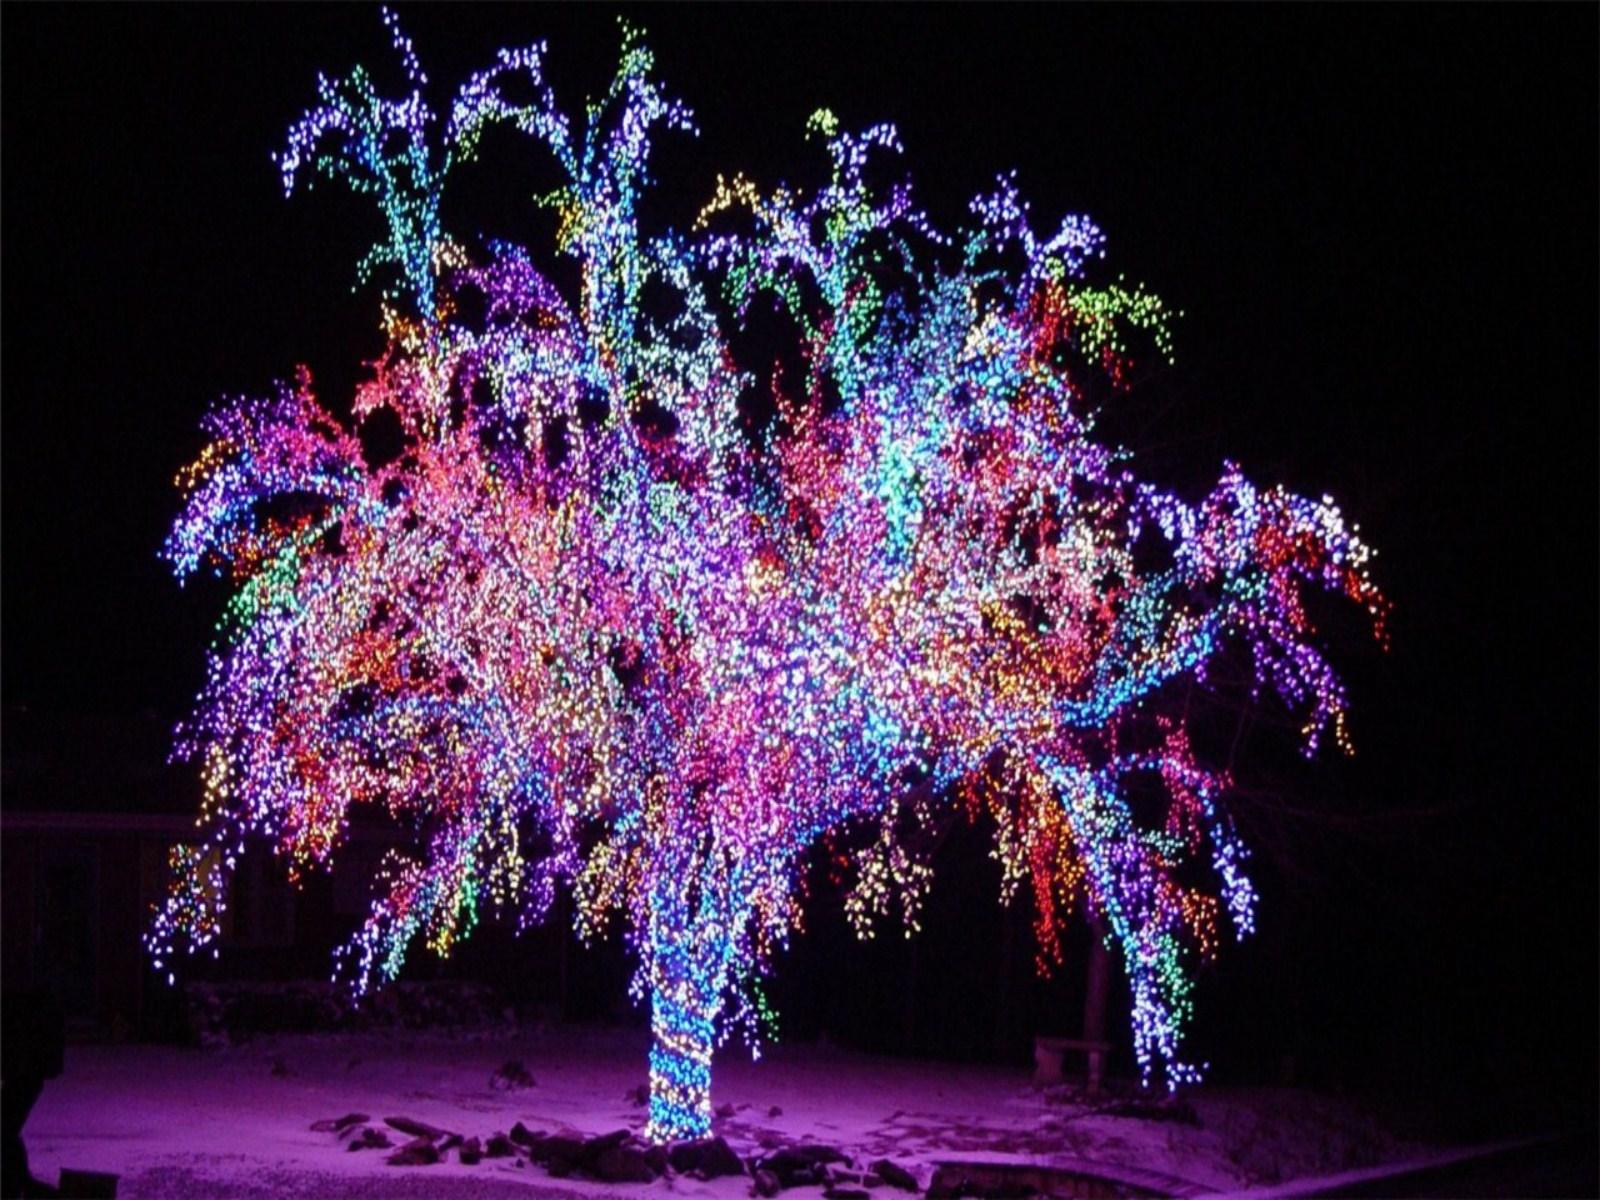 49 Animated Christmas Lights Wallpaper On Wallpapersafari